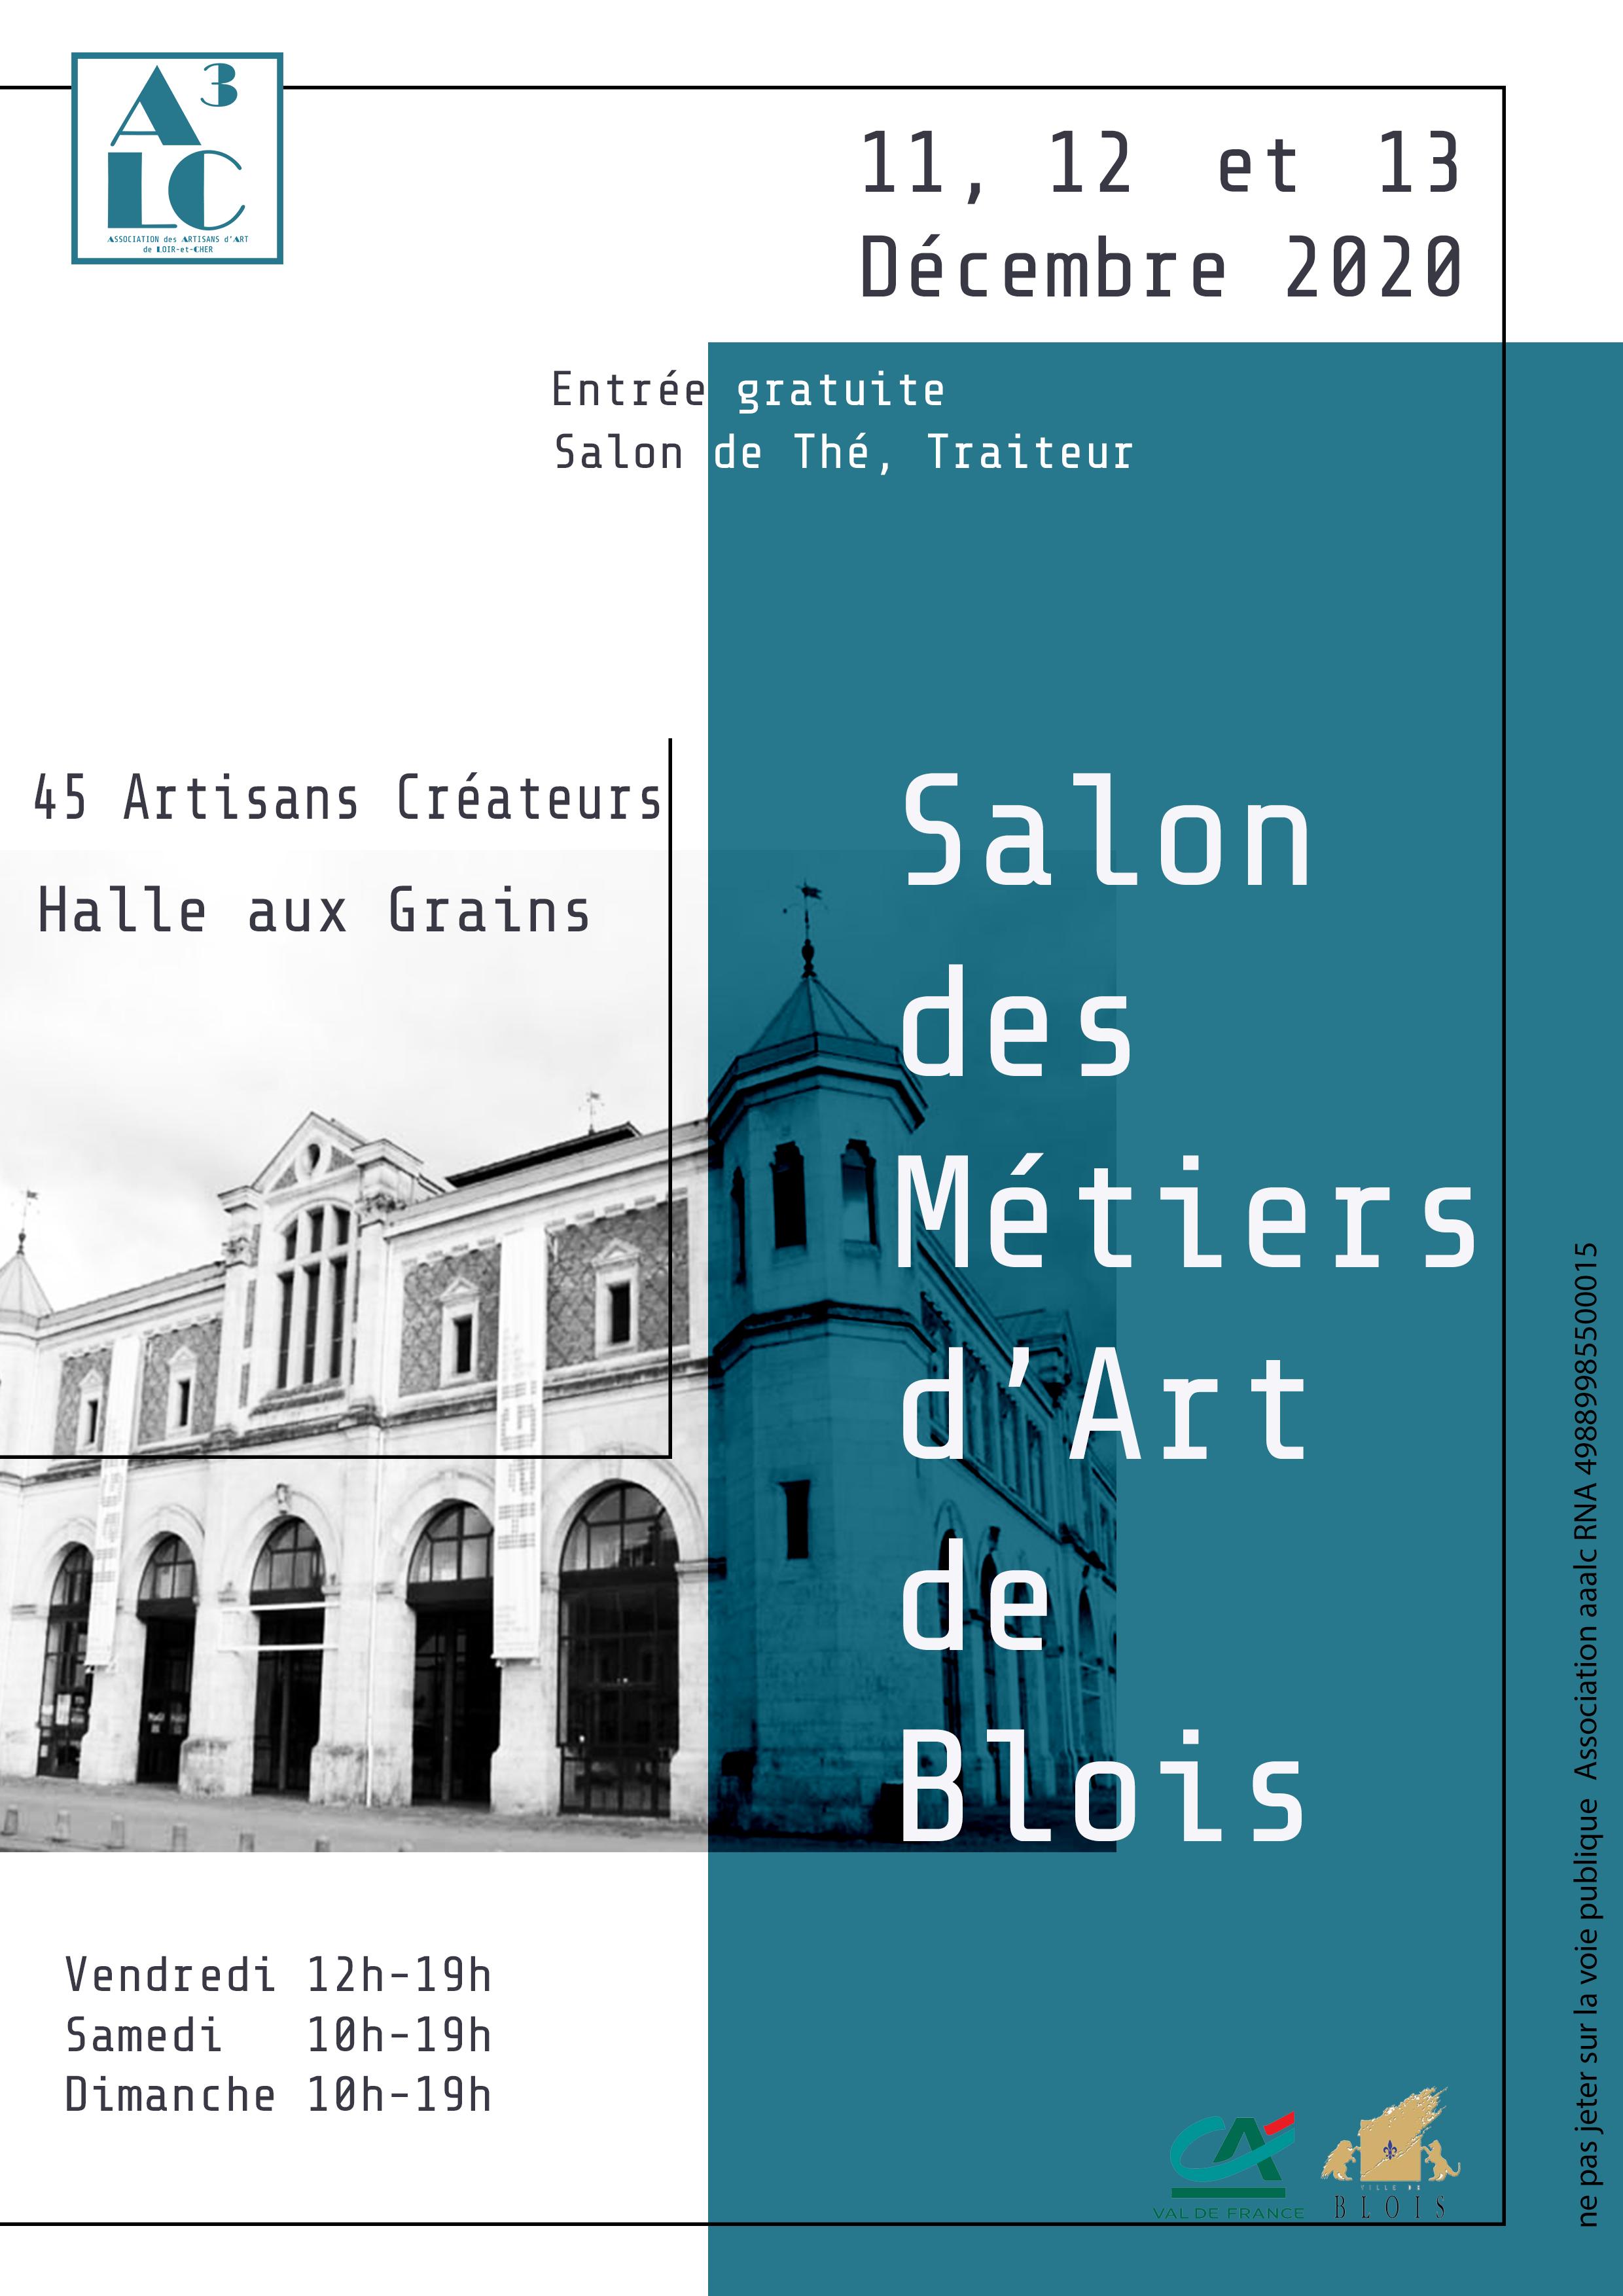 affiche 2020 Salon des Métiers d'Art de Blois